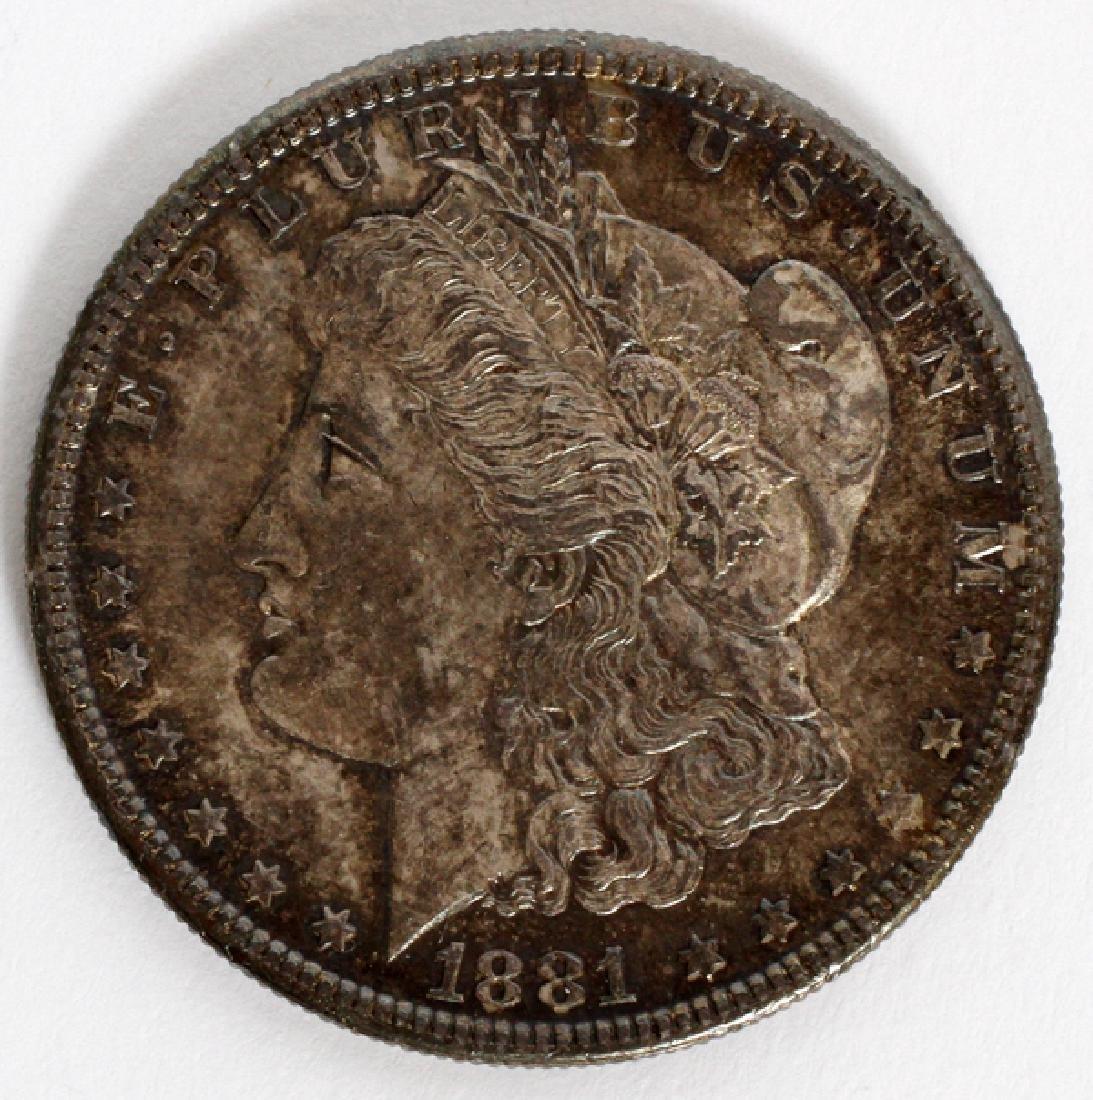 U.S $1 LIBERTY-HEAD MORGAN COIN 86 TR. OZ. 1881-S